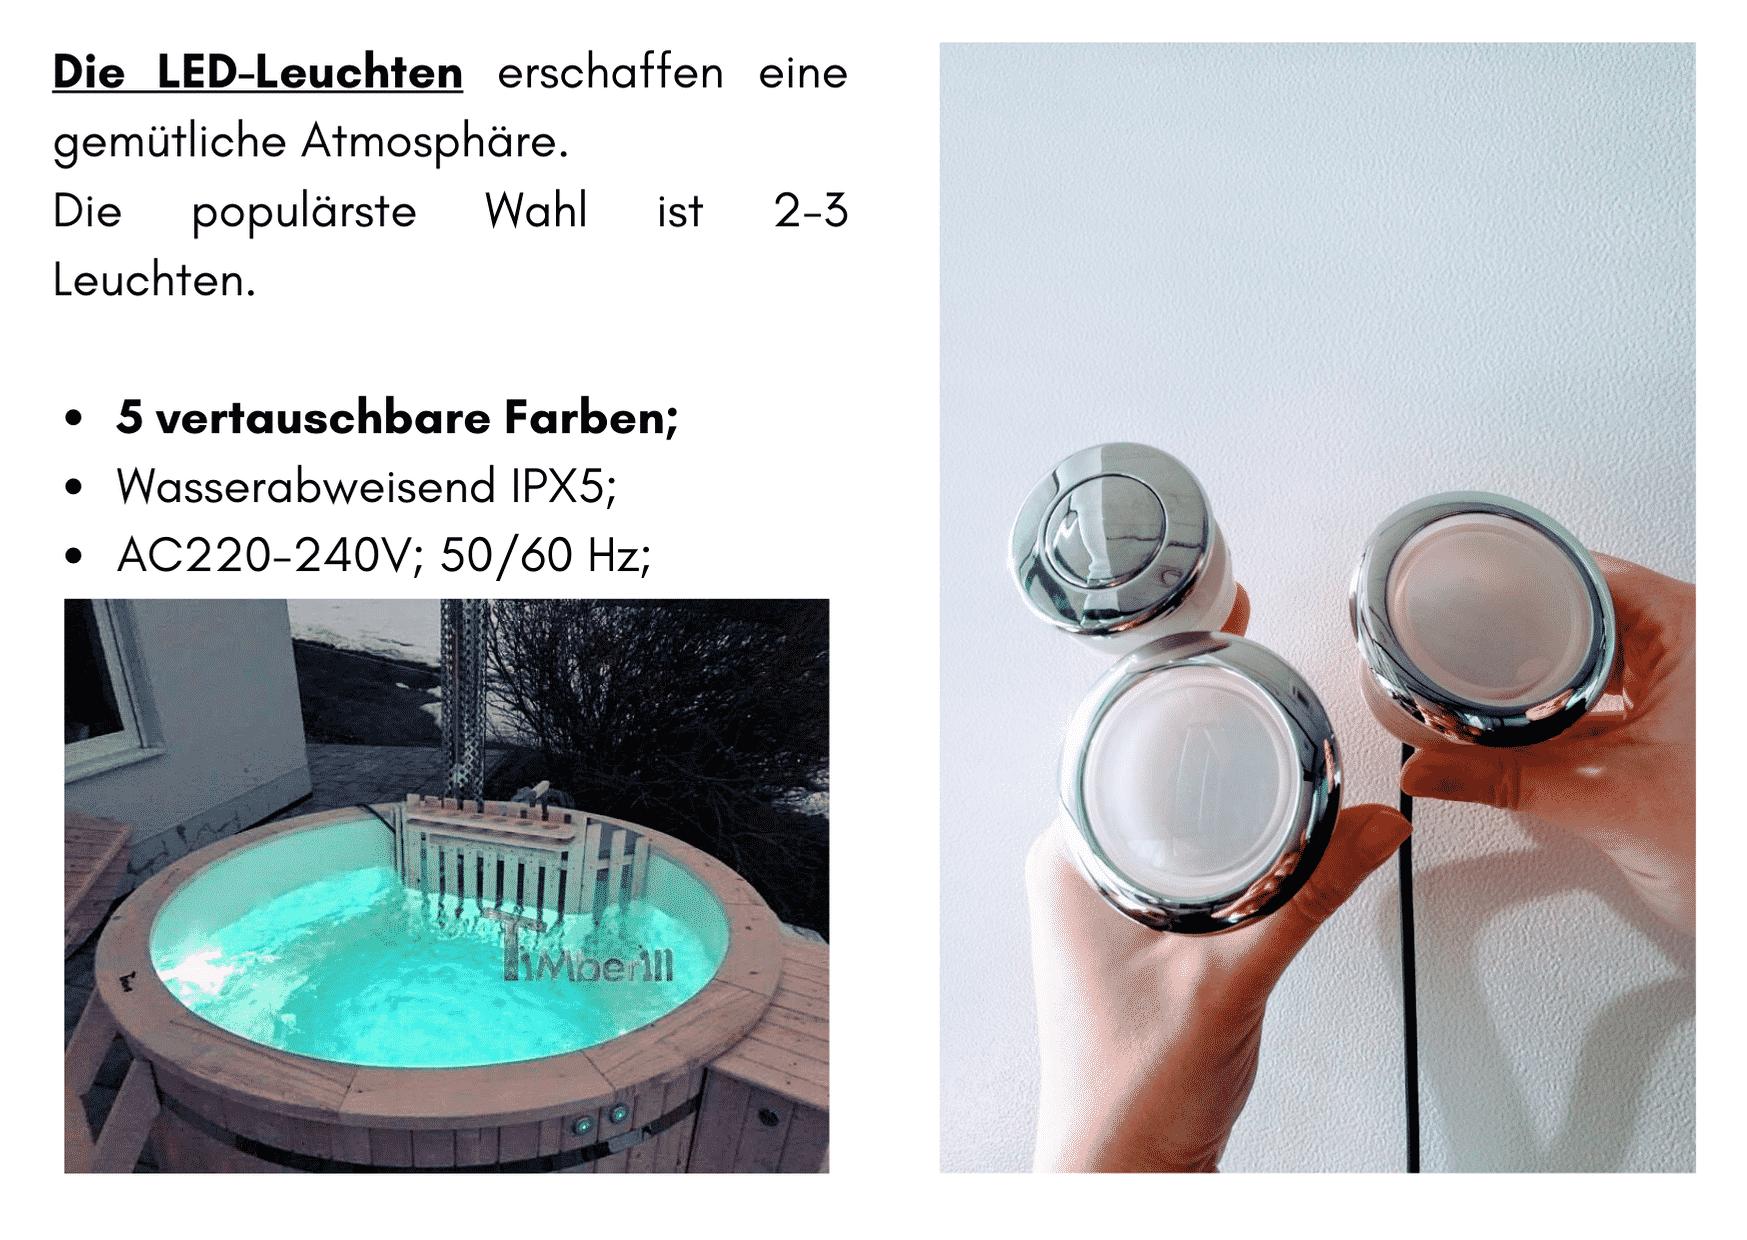 Badezuber mit Kunststoffeinsatz fuer Selbstgestaltung 6